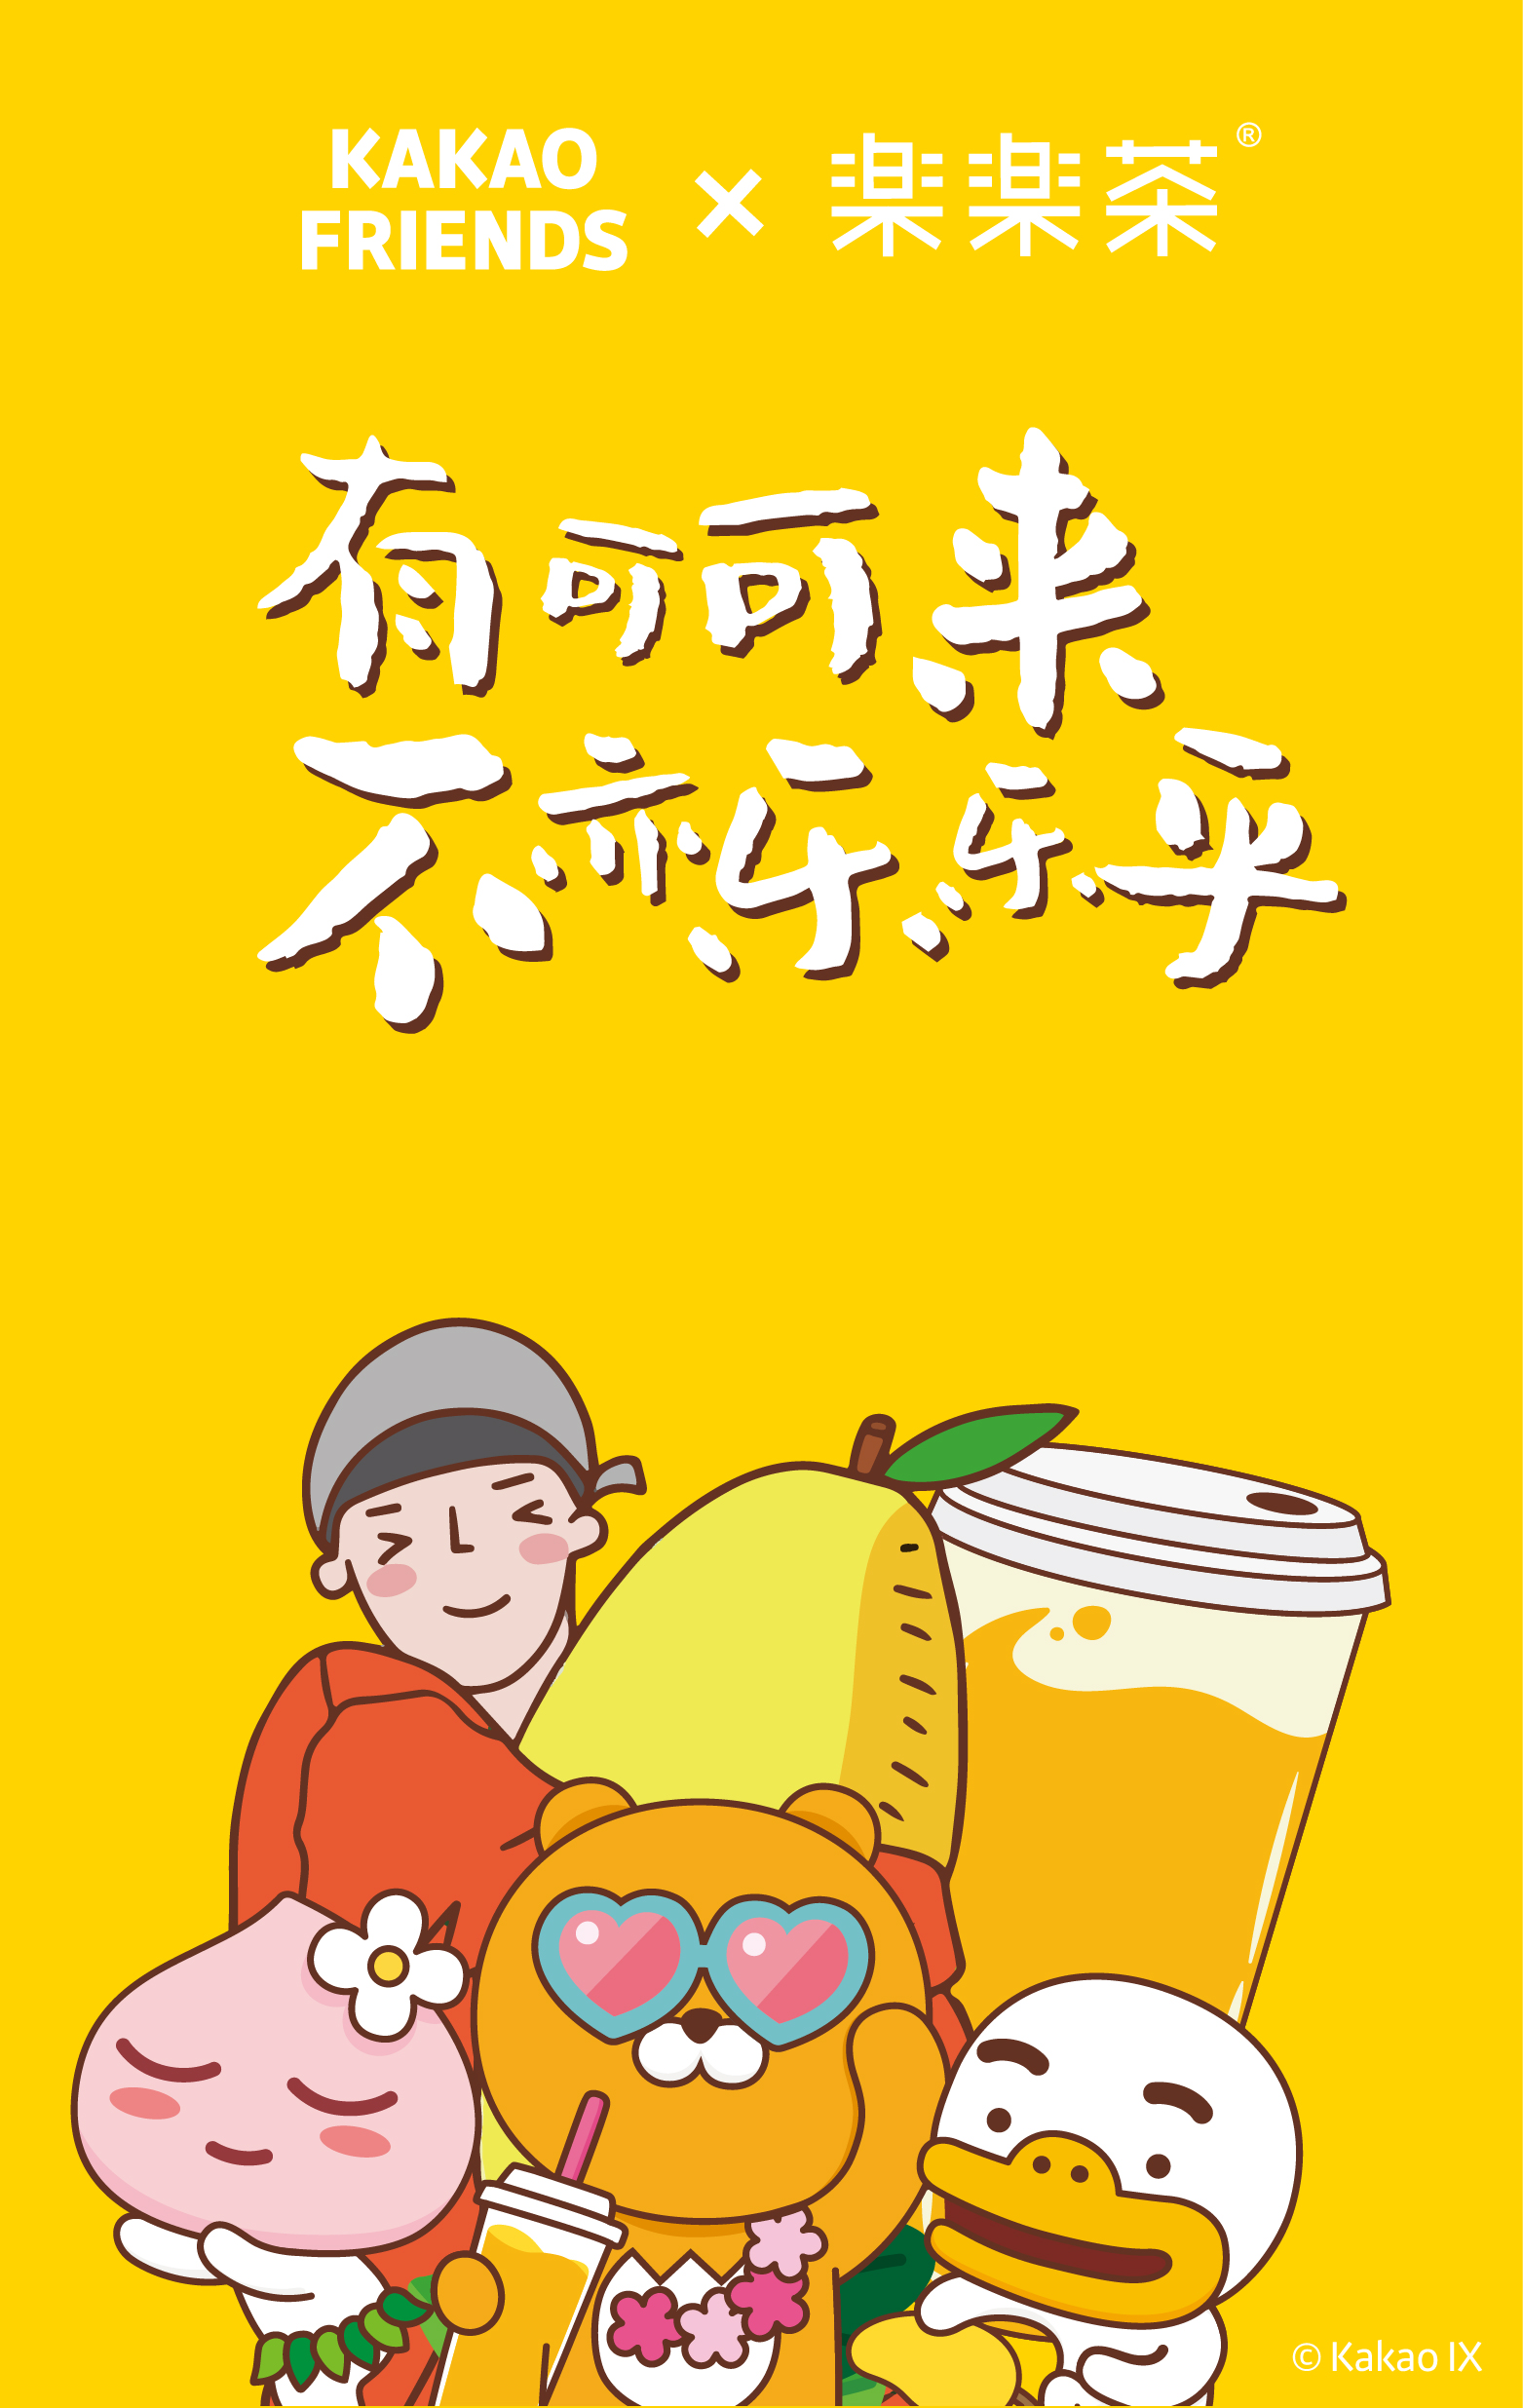 KAKAO FRIENDS × LELECHA 推出联名款人气茶饮KAKAO